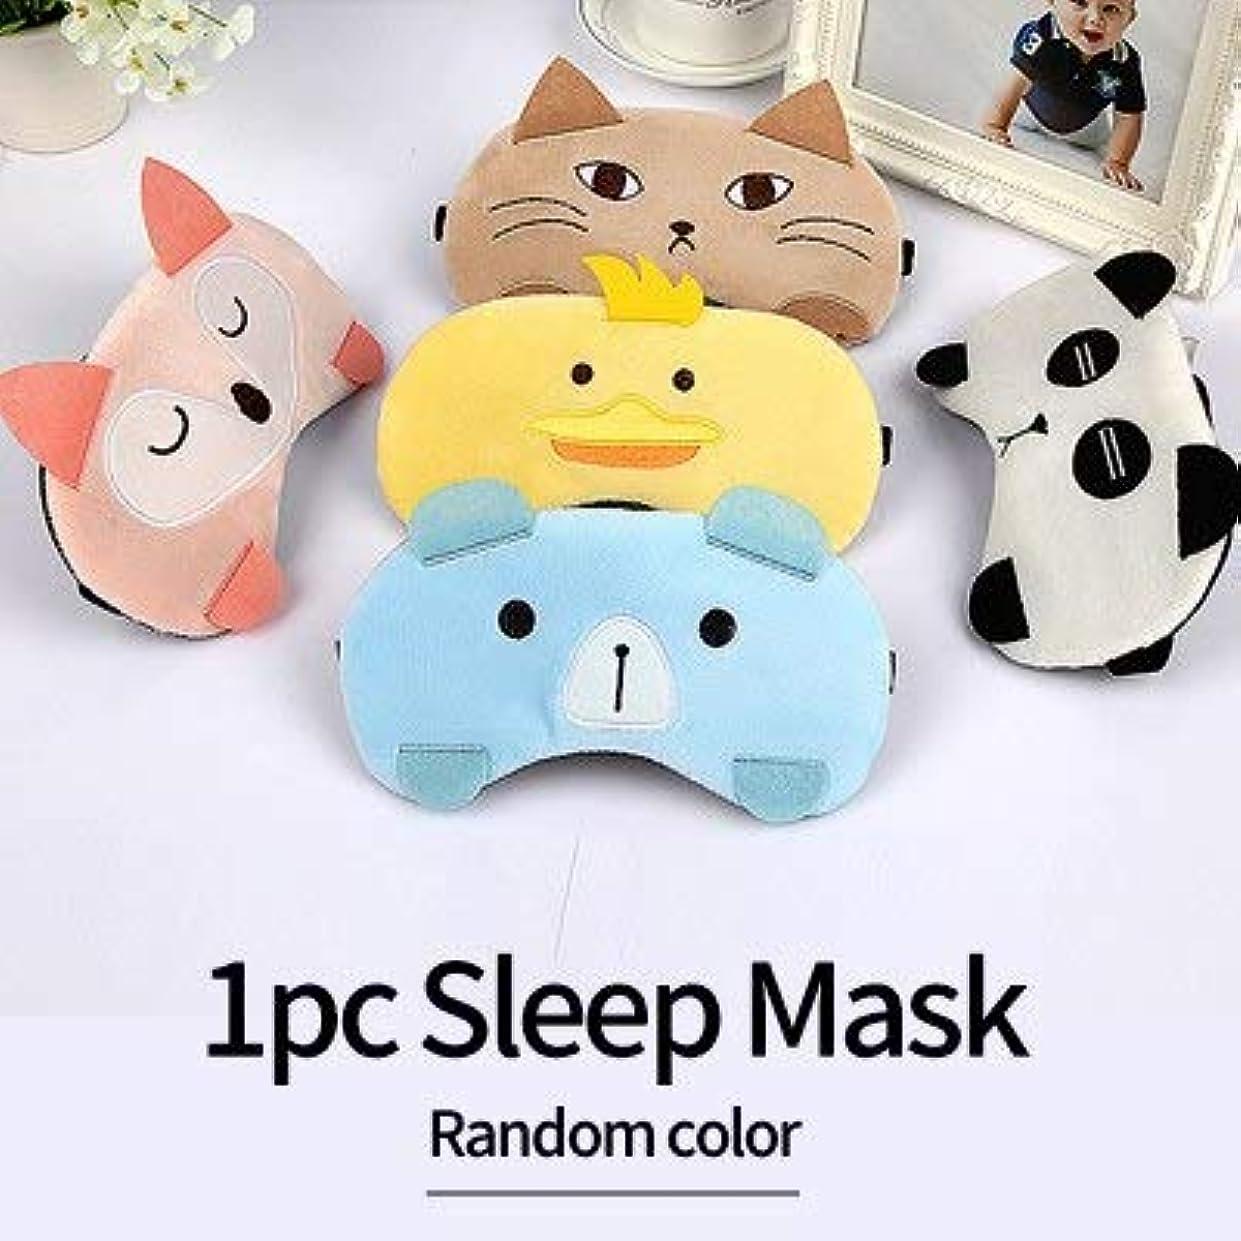 作りますスパーク静脈NOTE アイス睡眠マスク綿アイマスク目隠し用睡眠睡眠マスクケースアイマスクかわいい圧縮ランダムカラー